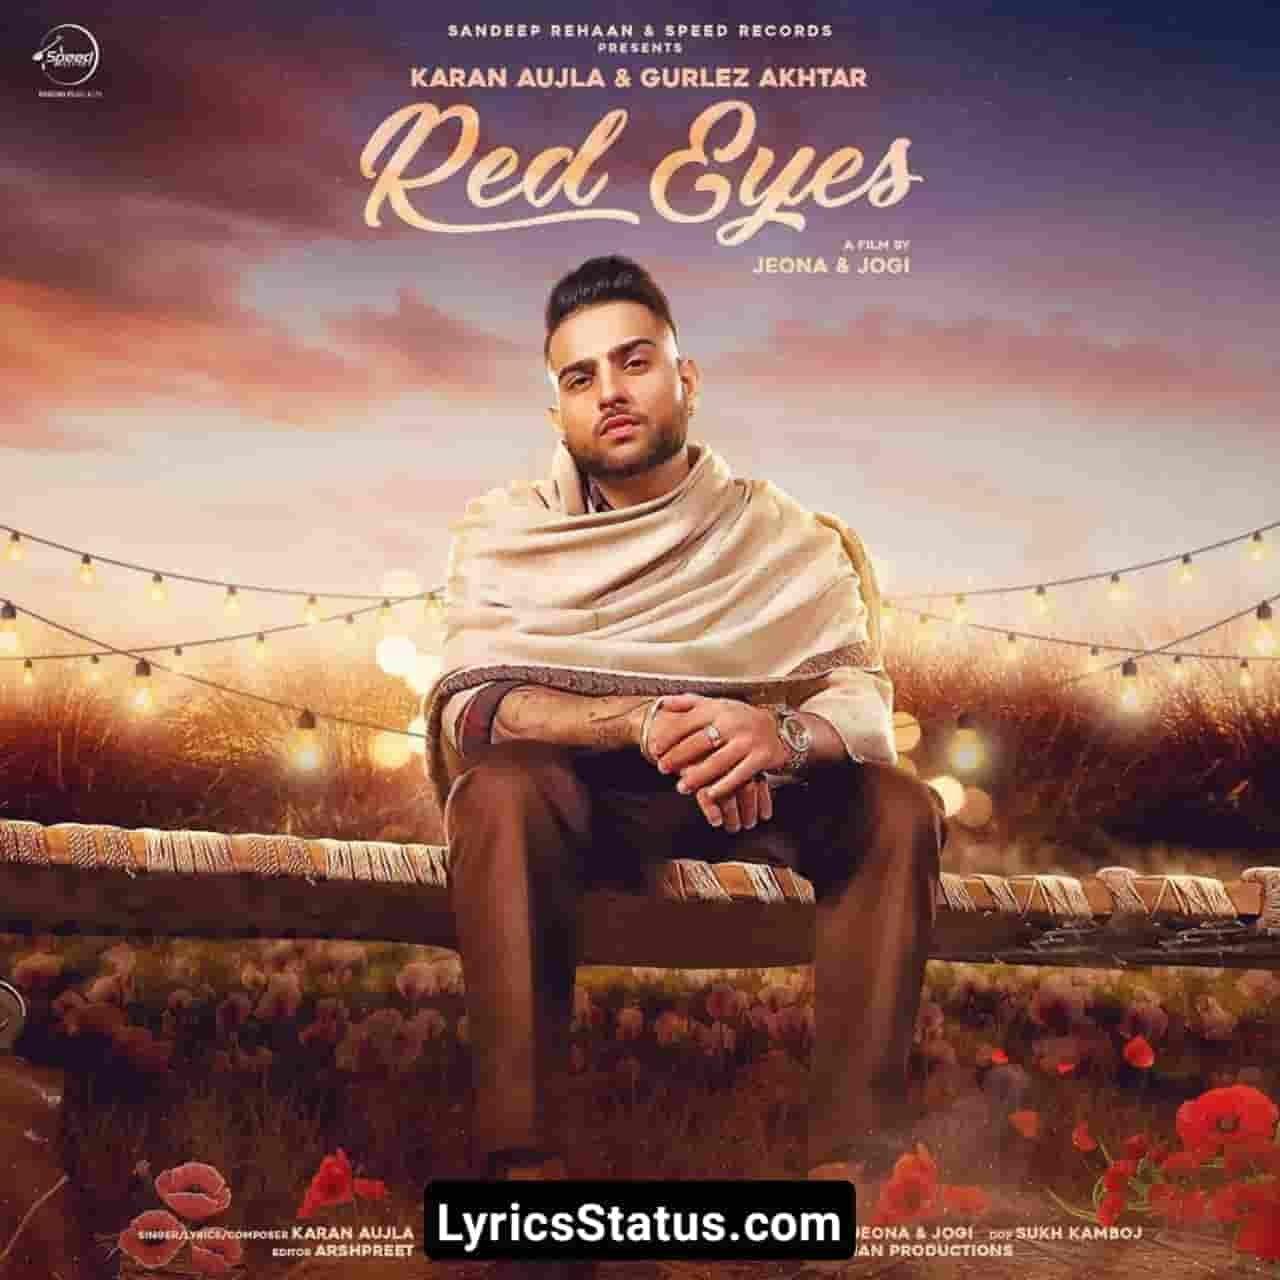 Gurlej Akhtar Red Eyes Karan Aujla Lyrics Status Download Video Latest punjabi song Ve Meri billi billi akh, Meri laal goriye New punjabi song